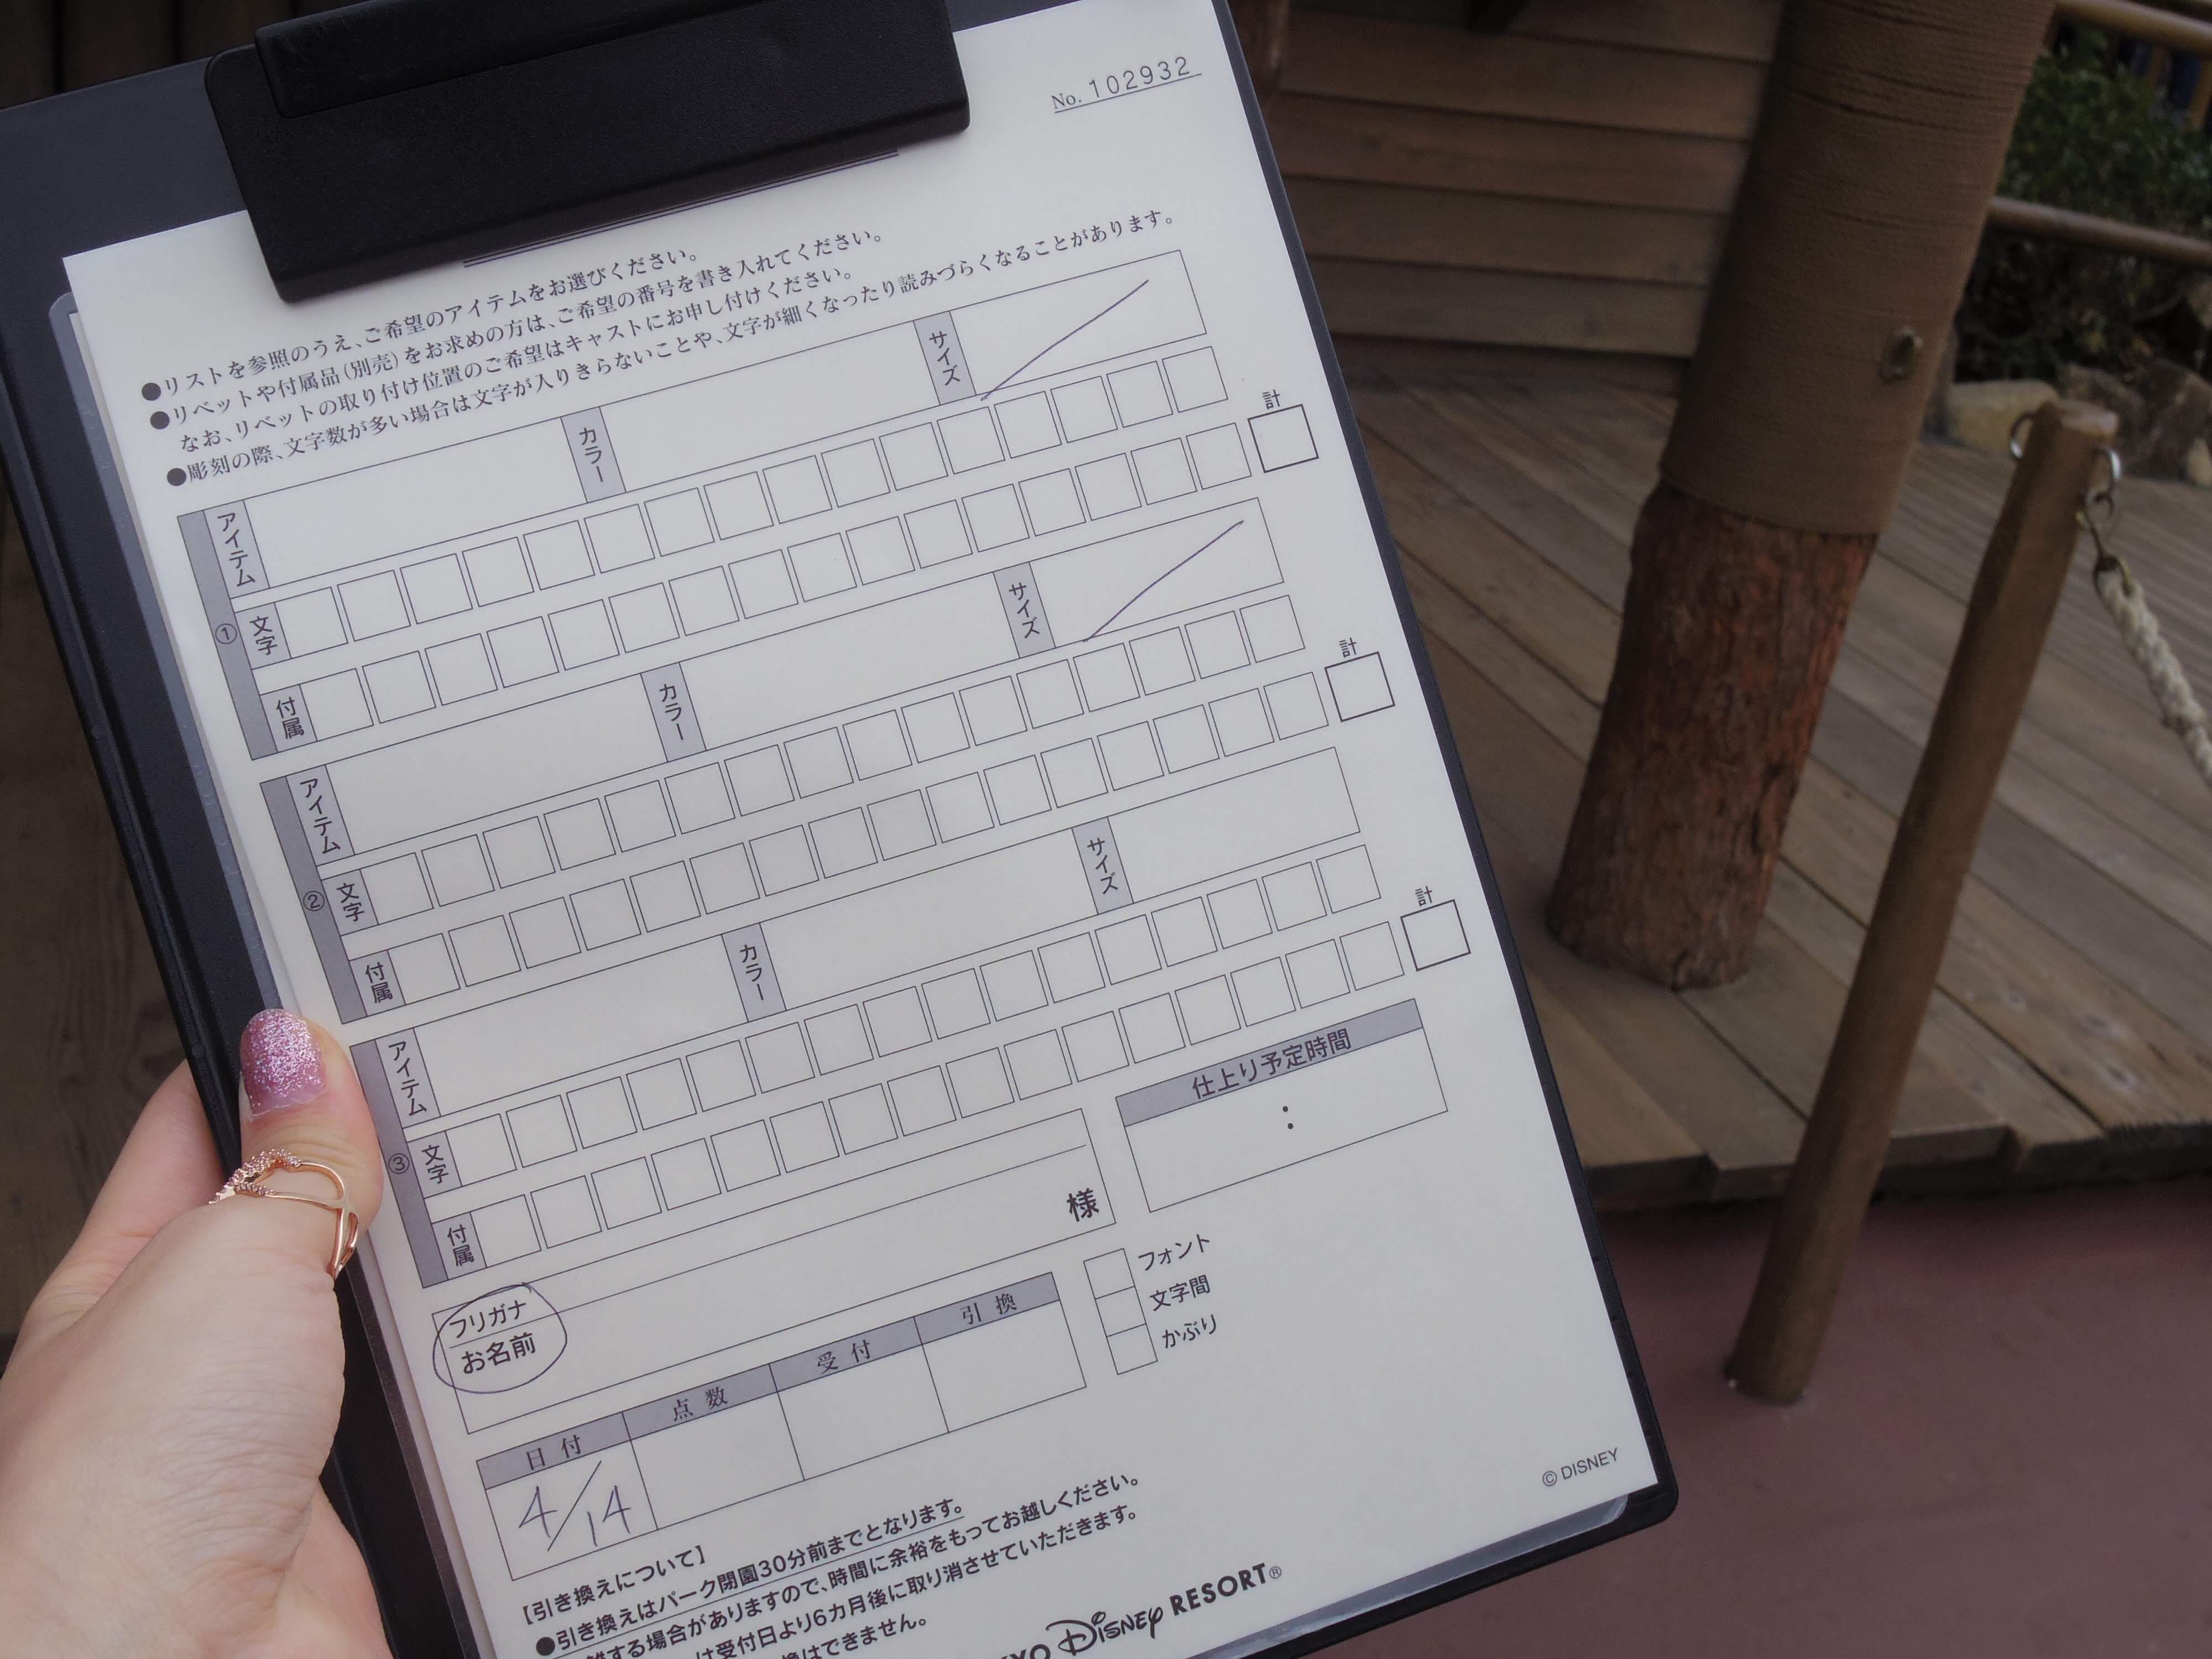 【ディズニーお土産】東京ディズニーランドで作れるラゲッジタグが可愛すぎる♡_3